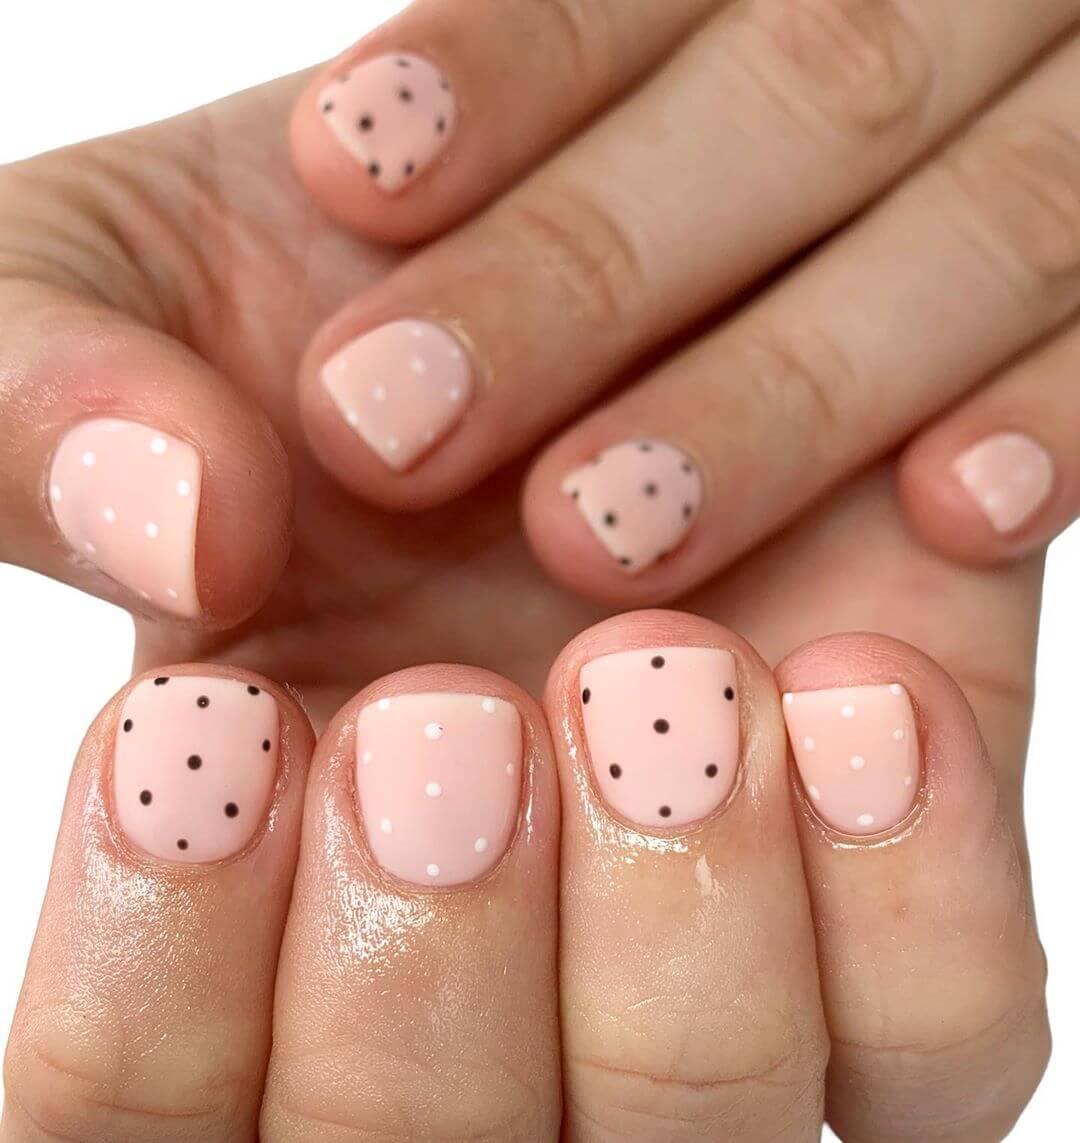 Simple and Sober Polka Dot Nail Design